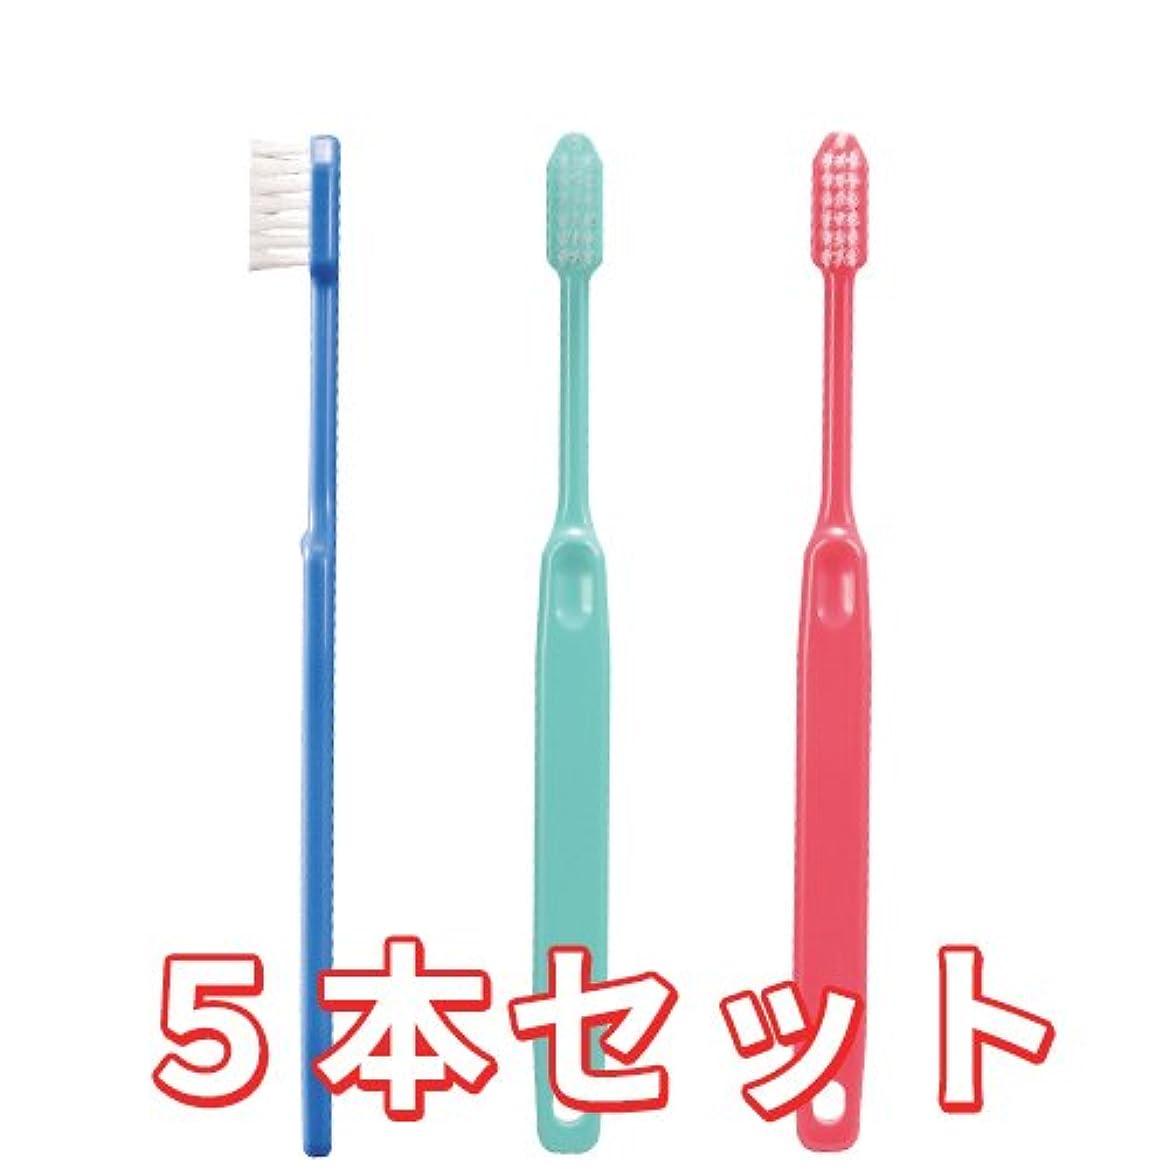 仲人免疫する偽造Ciメディカル 歯ブラシ コンパクトヘッド 疎毛タイプ アソート 5本 (Ci25(やわらかめ))